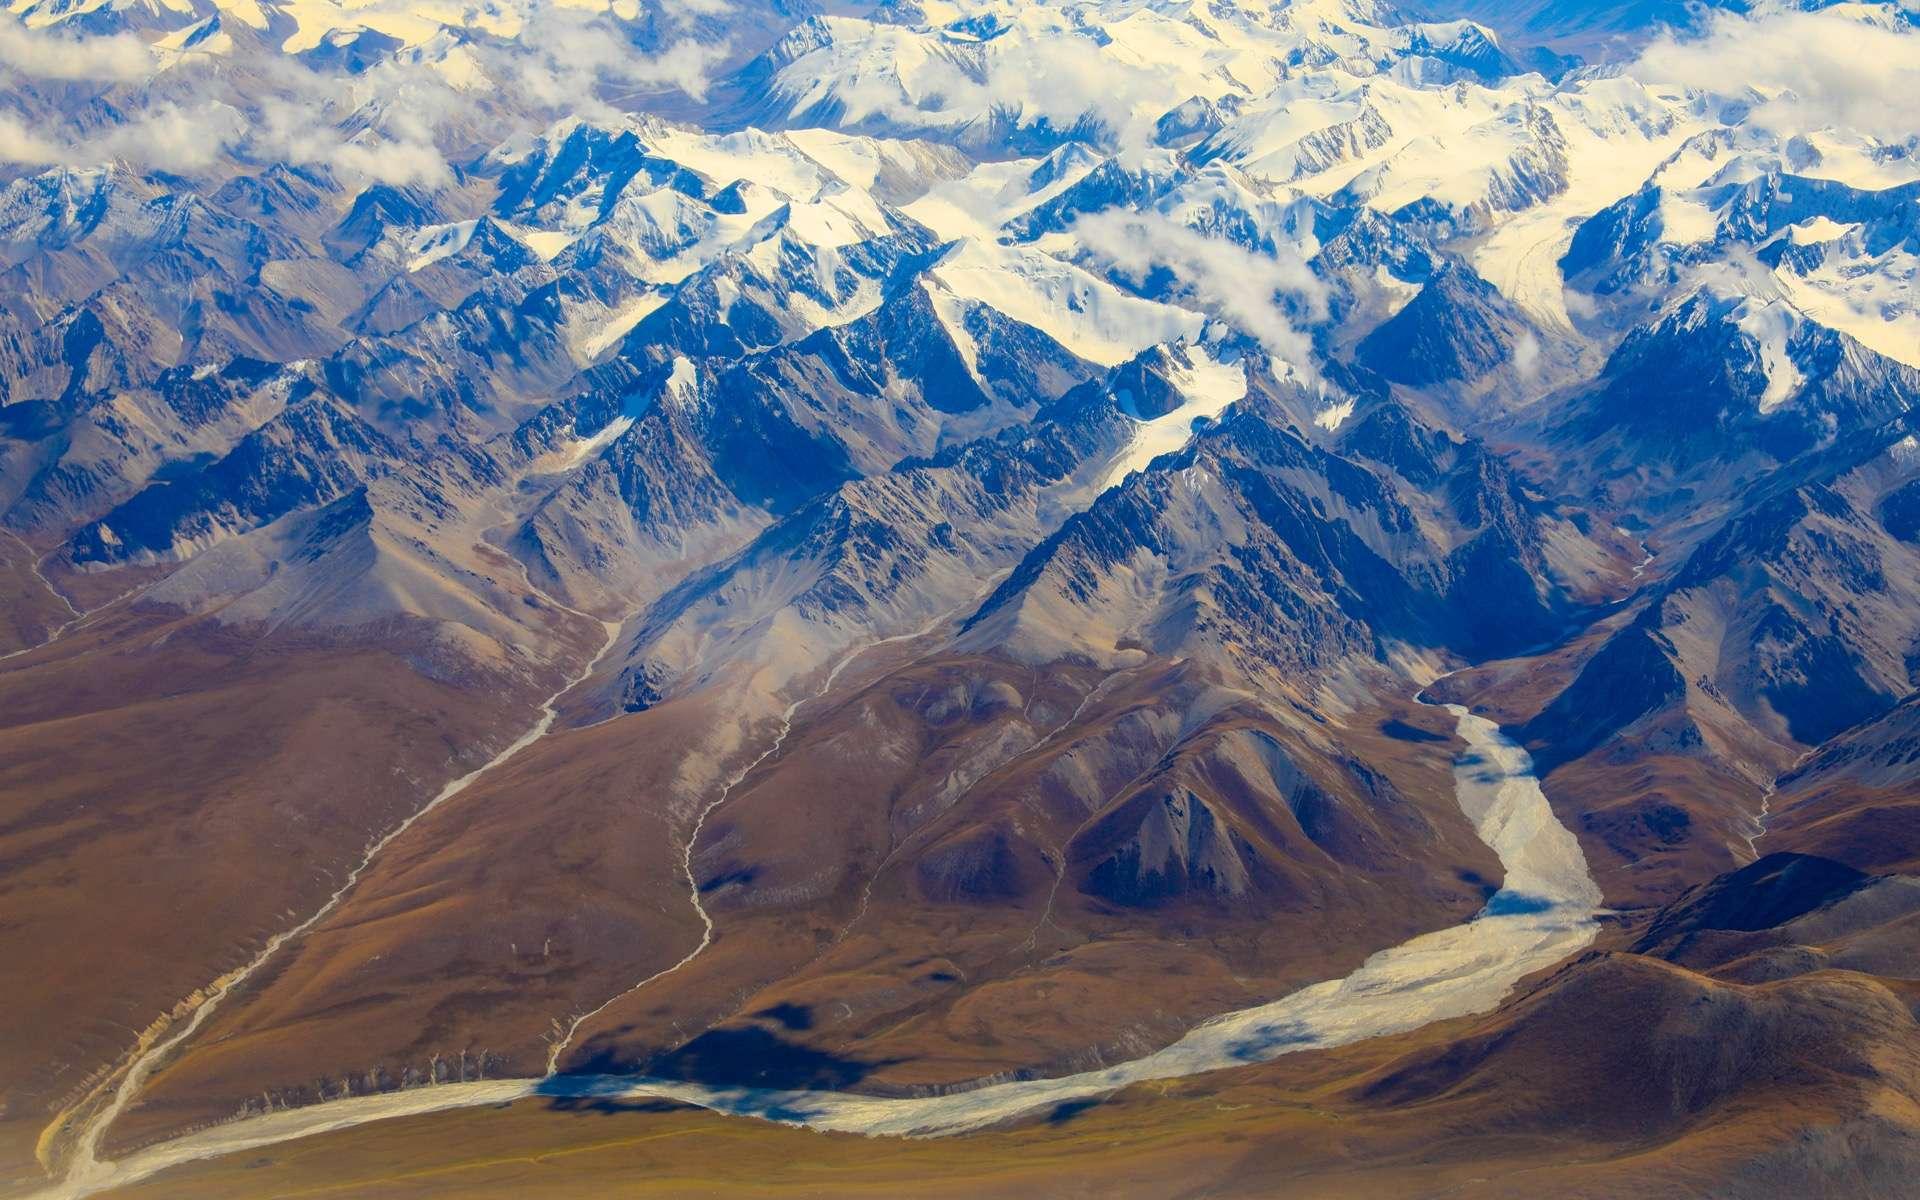 Les montagnes de Tian Shan, en Chine. © Xiaoming Wang, CC by-ND 3.0, imaggeo.egu.eu